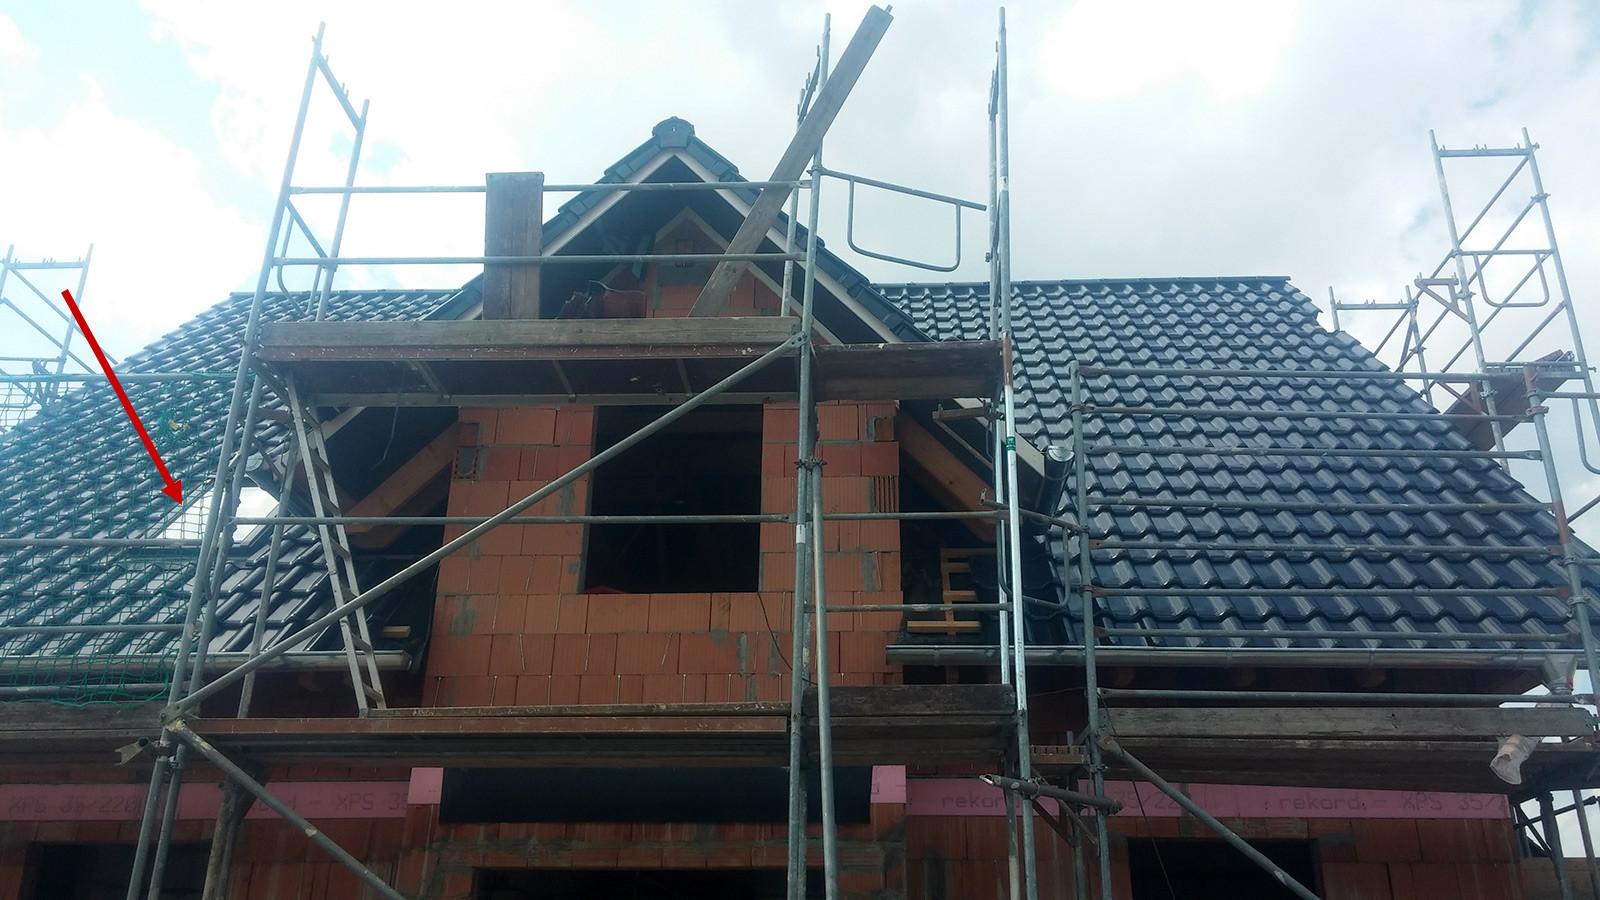 dachfenster einbauen vorteile ideen awesome dachfenster. Black Bedroom Furniture Sets. Home Design Ideas